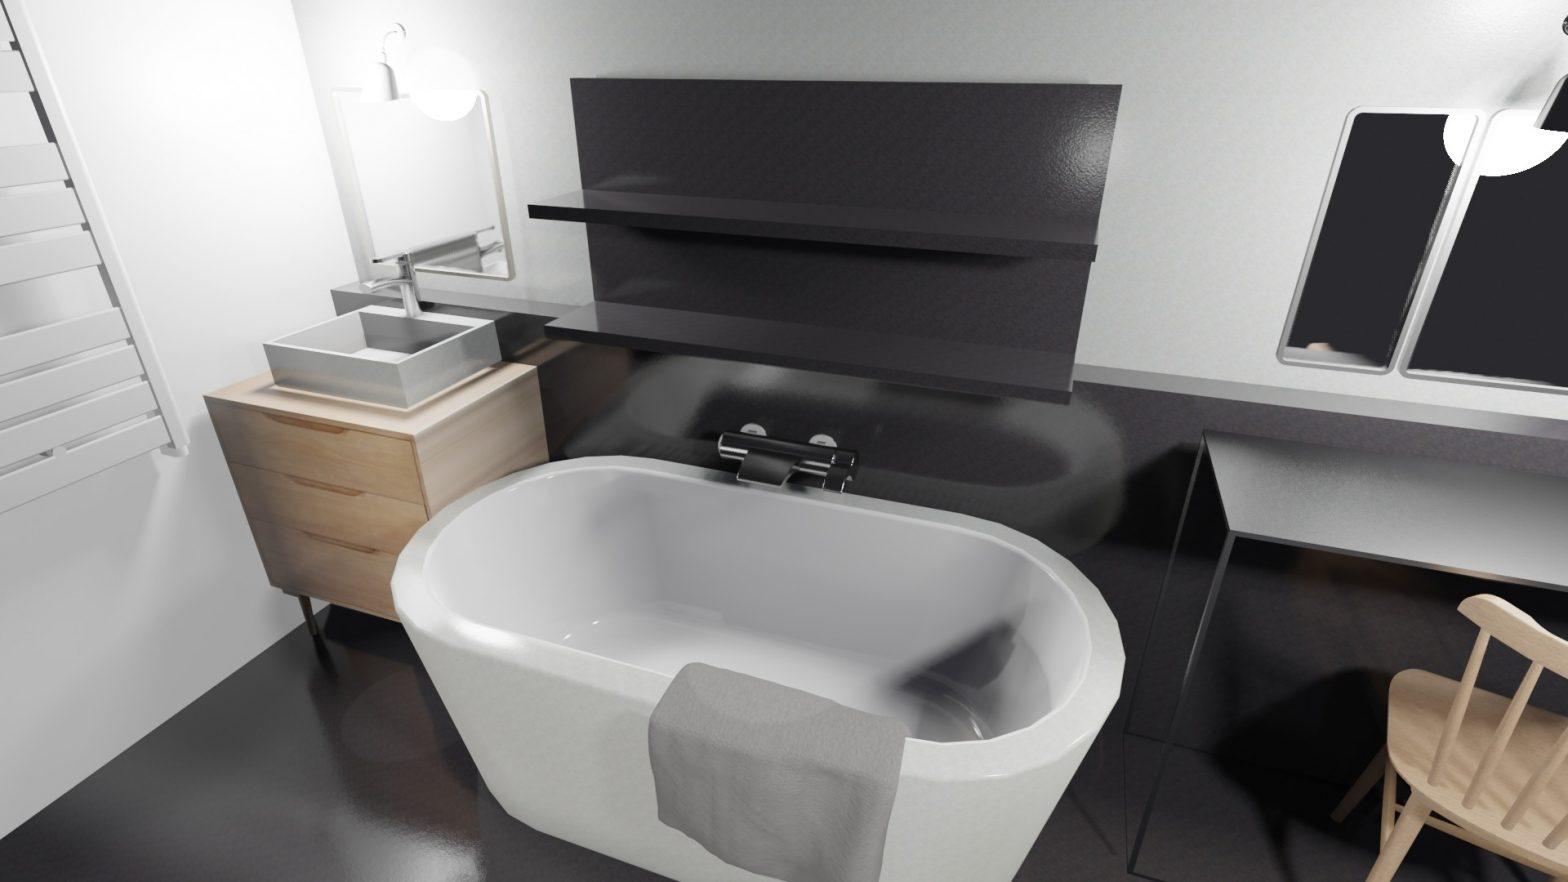 délacer une salle de bain